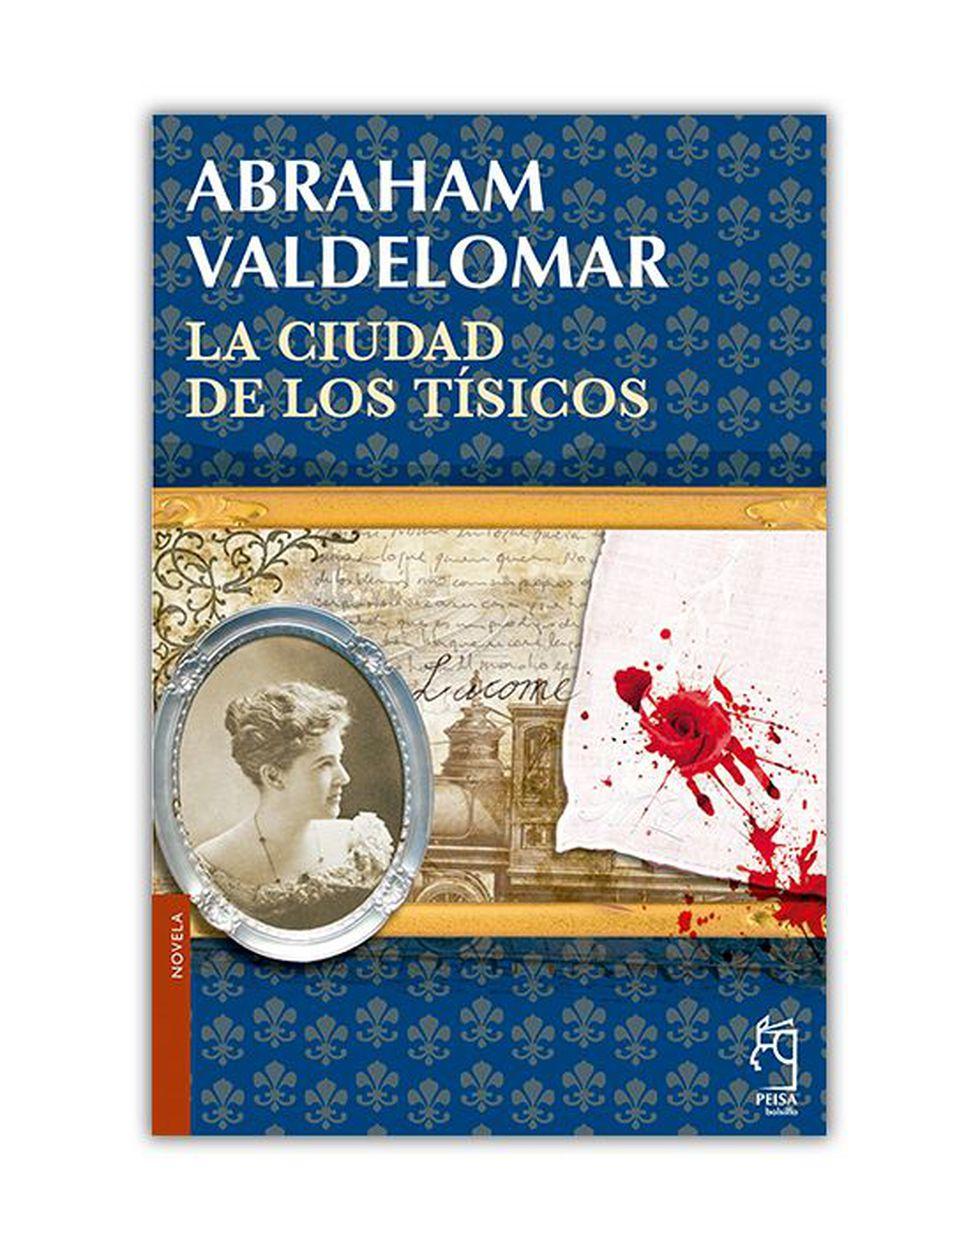 """""""La ciudad de los tísicos"""", novela breve de Abraham Valdelomar, fue escrita en el año 1910 y publicada en Lima, en doce entregas de la revista Variedades, entre el 24 de junio y el 16 de septiembre de 1911. (Foto: Portada del libro editado por Peisa)"""